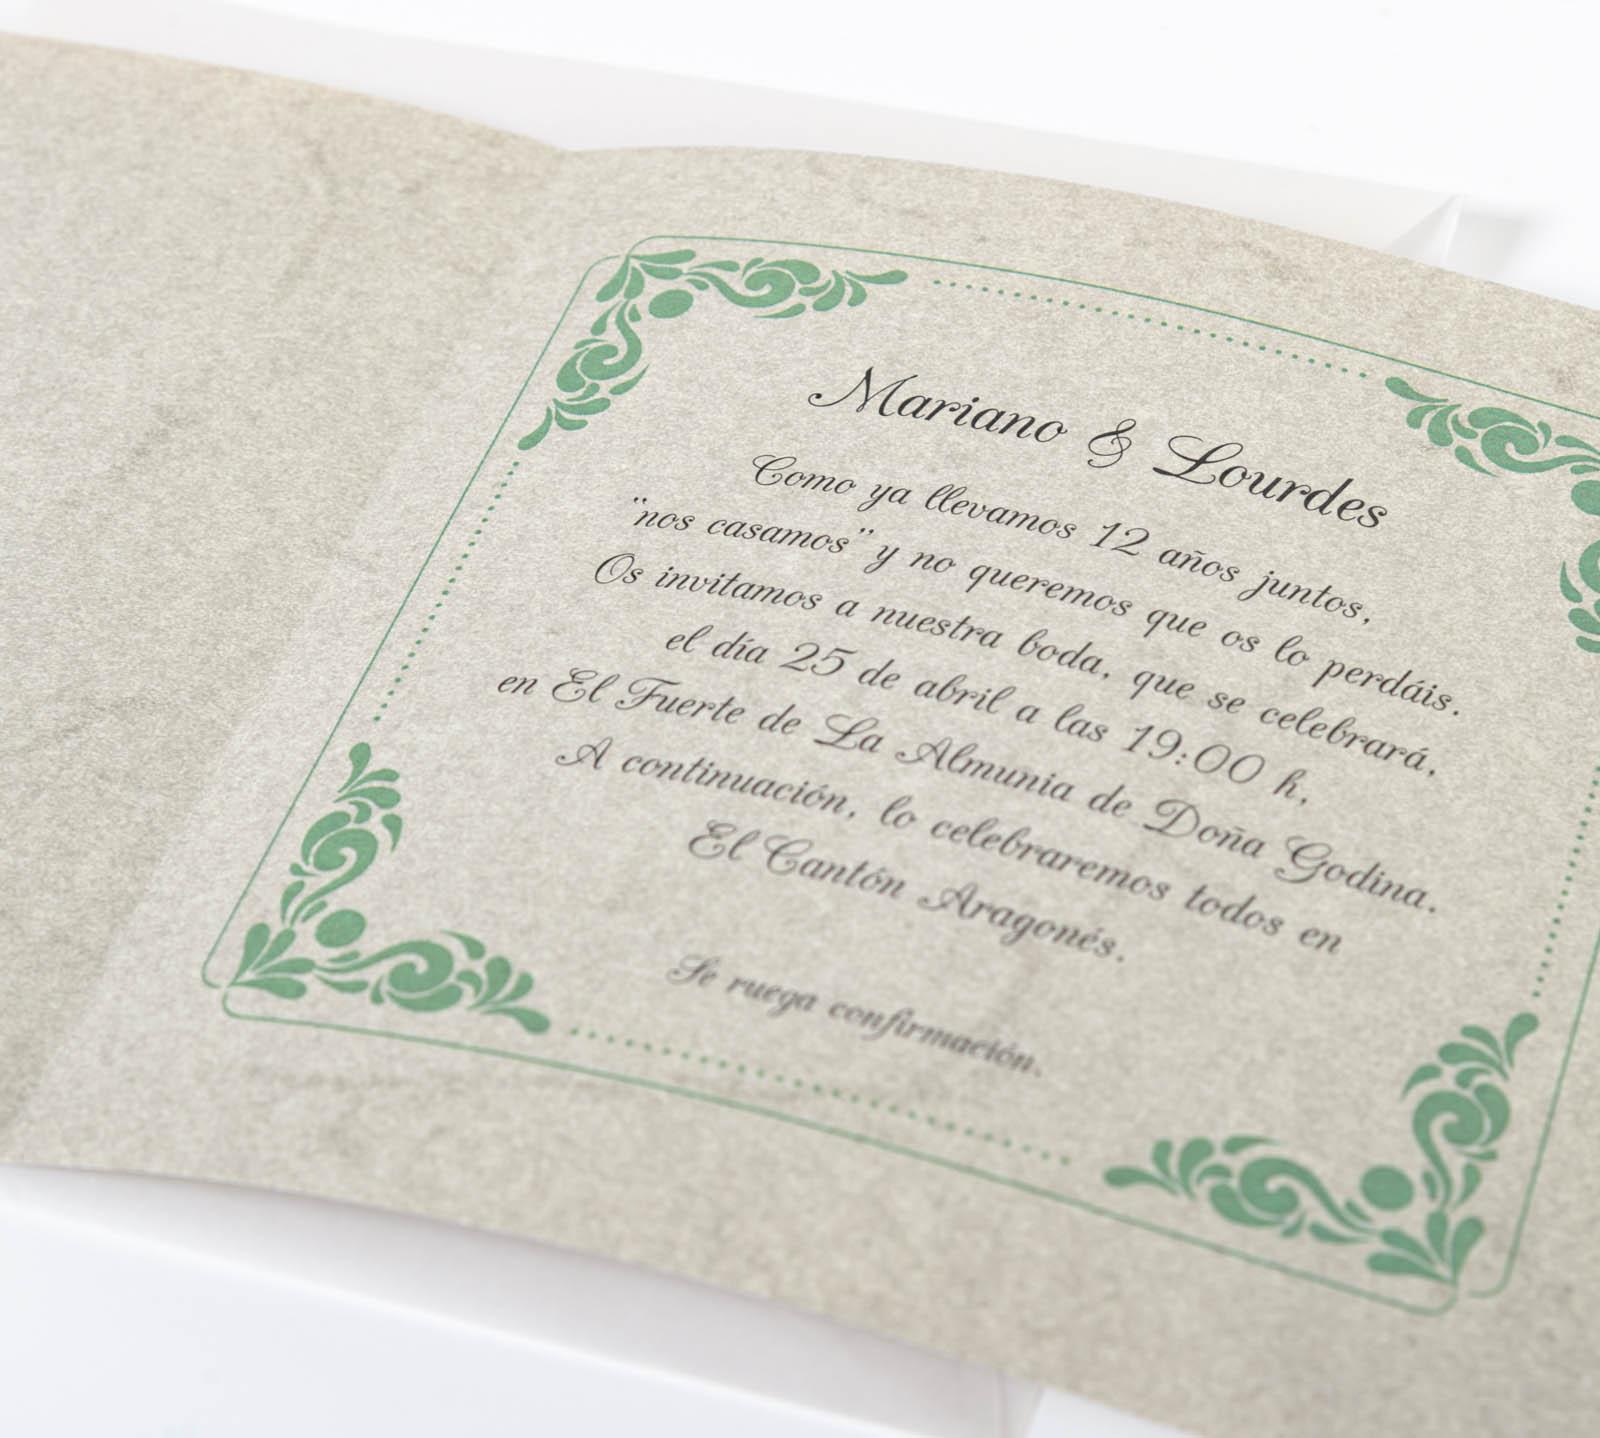 Invitaciones de boda - Imagina Arte Gráfico